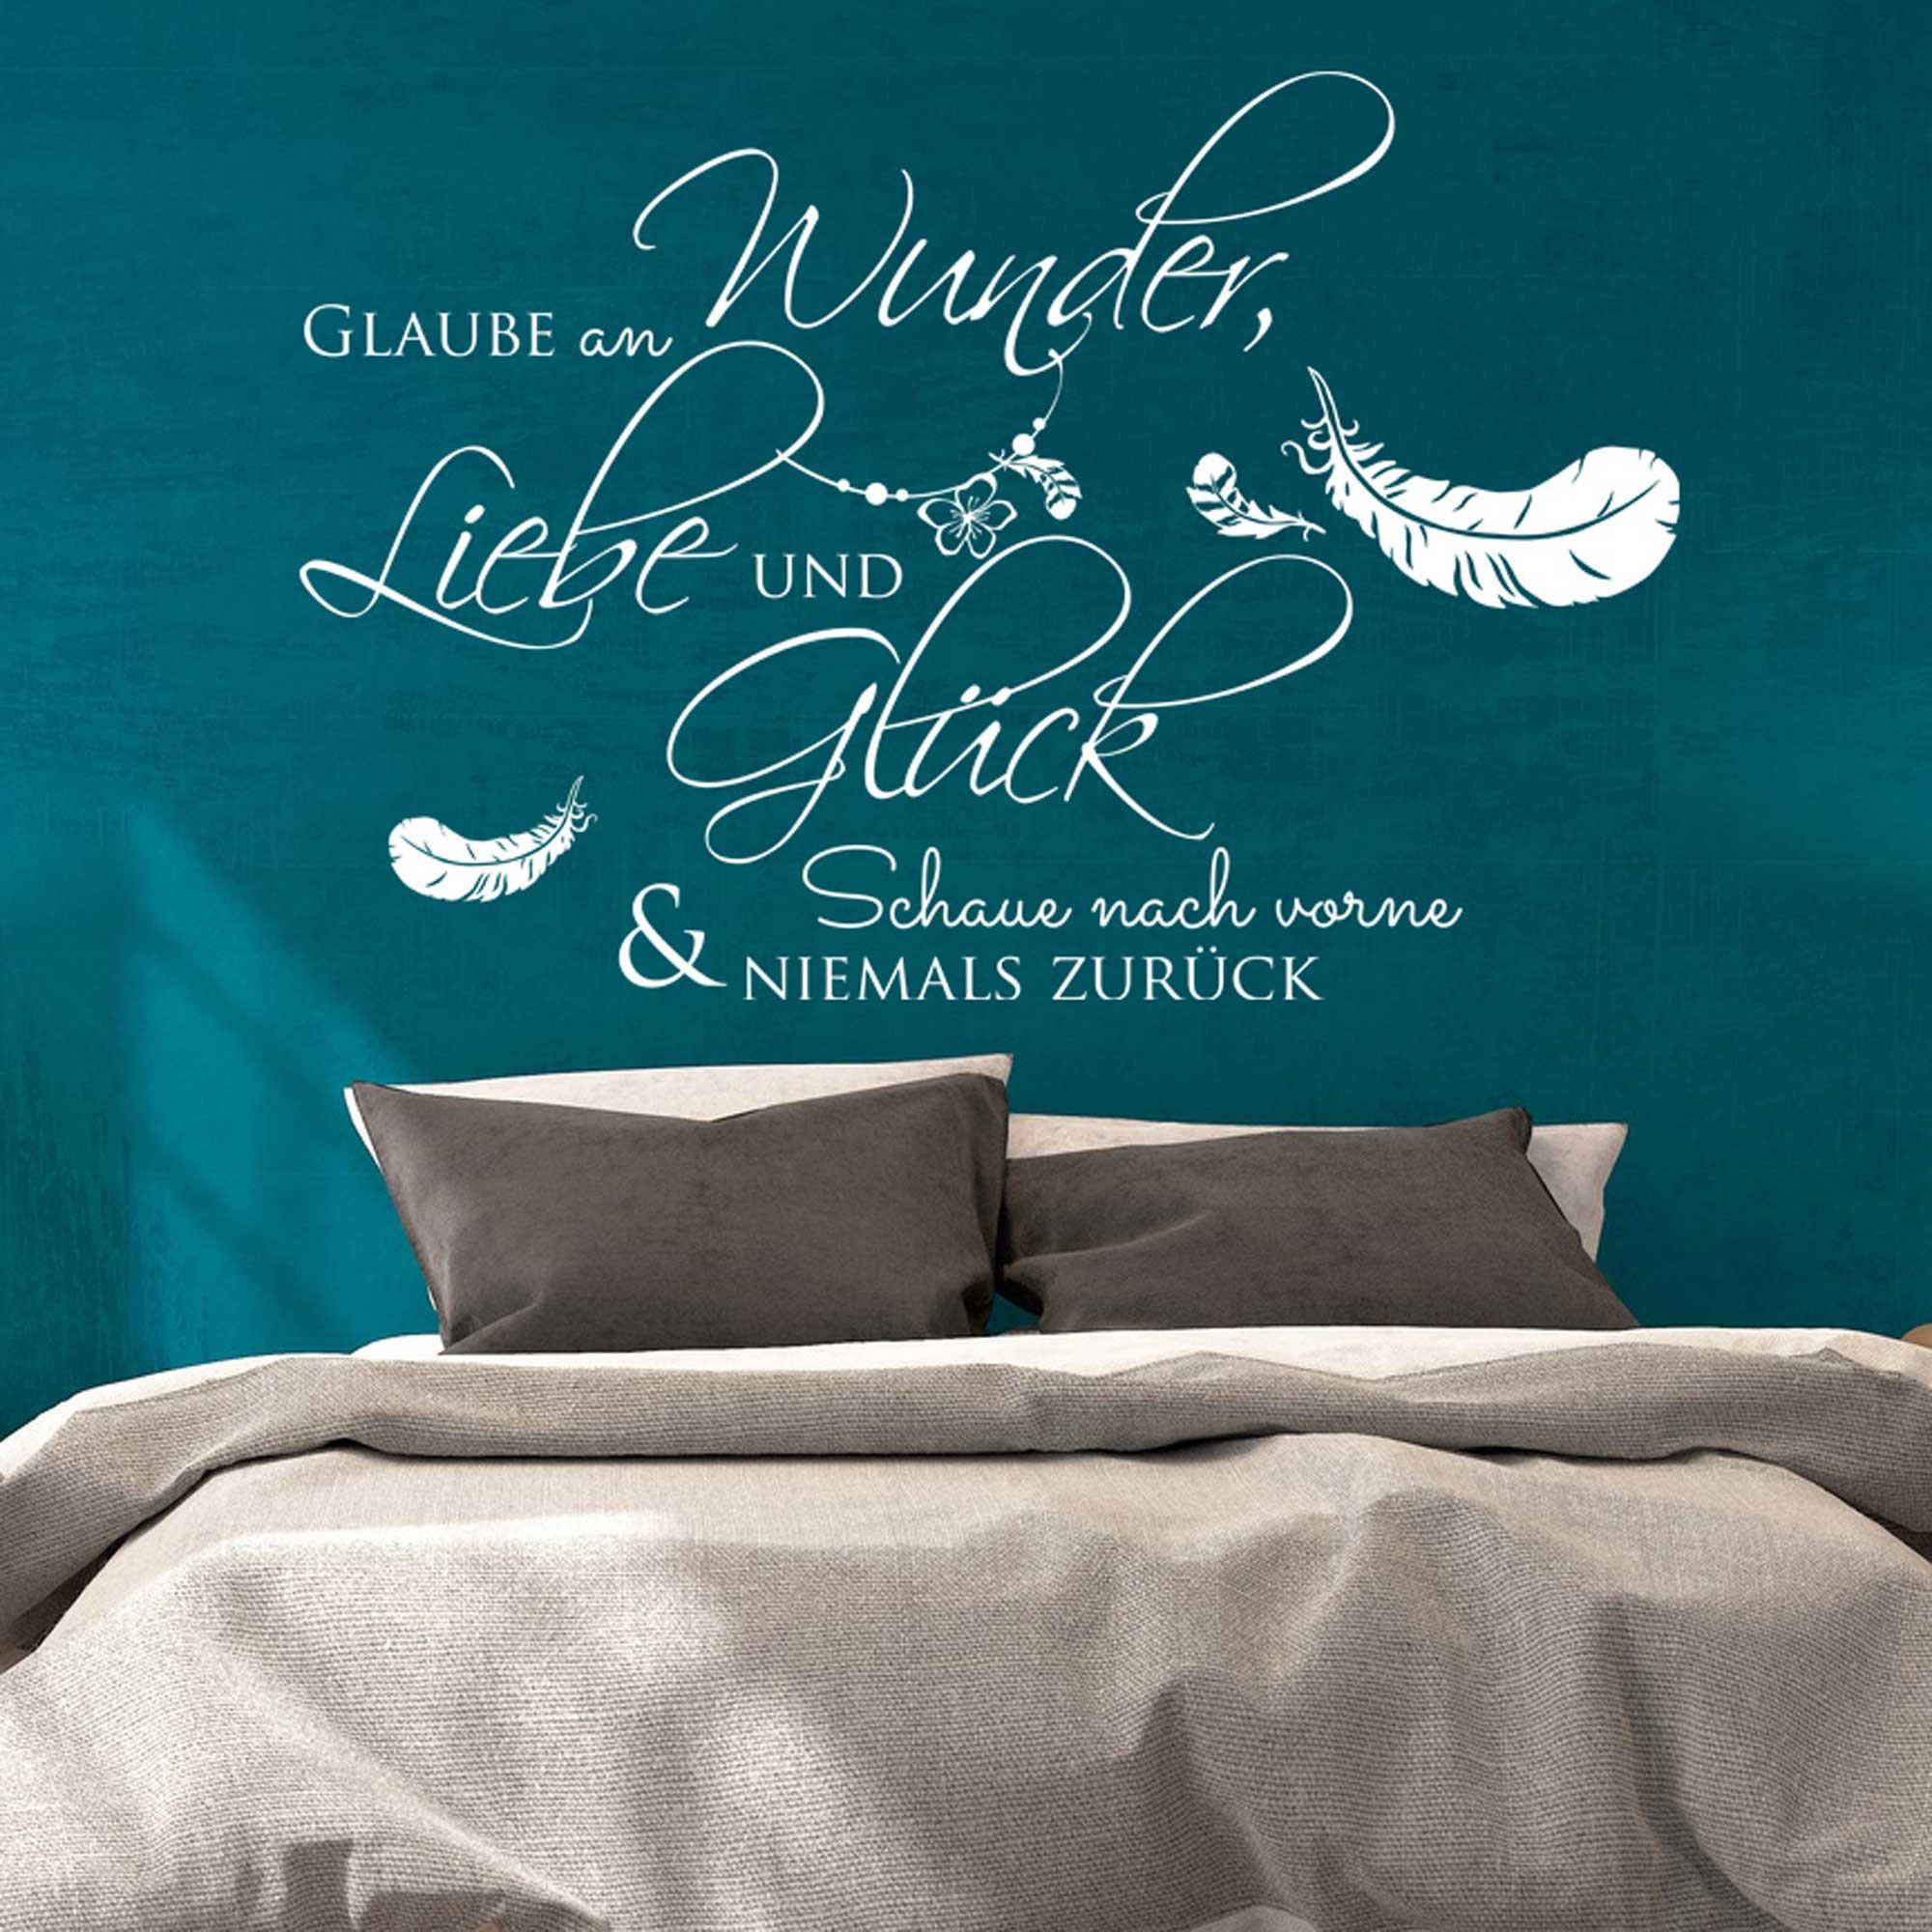 wandtattoo zitat spruch glaube an wunder liebe und gl ck mit federn m1970 wandtattoos. Black Bedroom Furniture Sets. Home Design Ideas